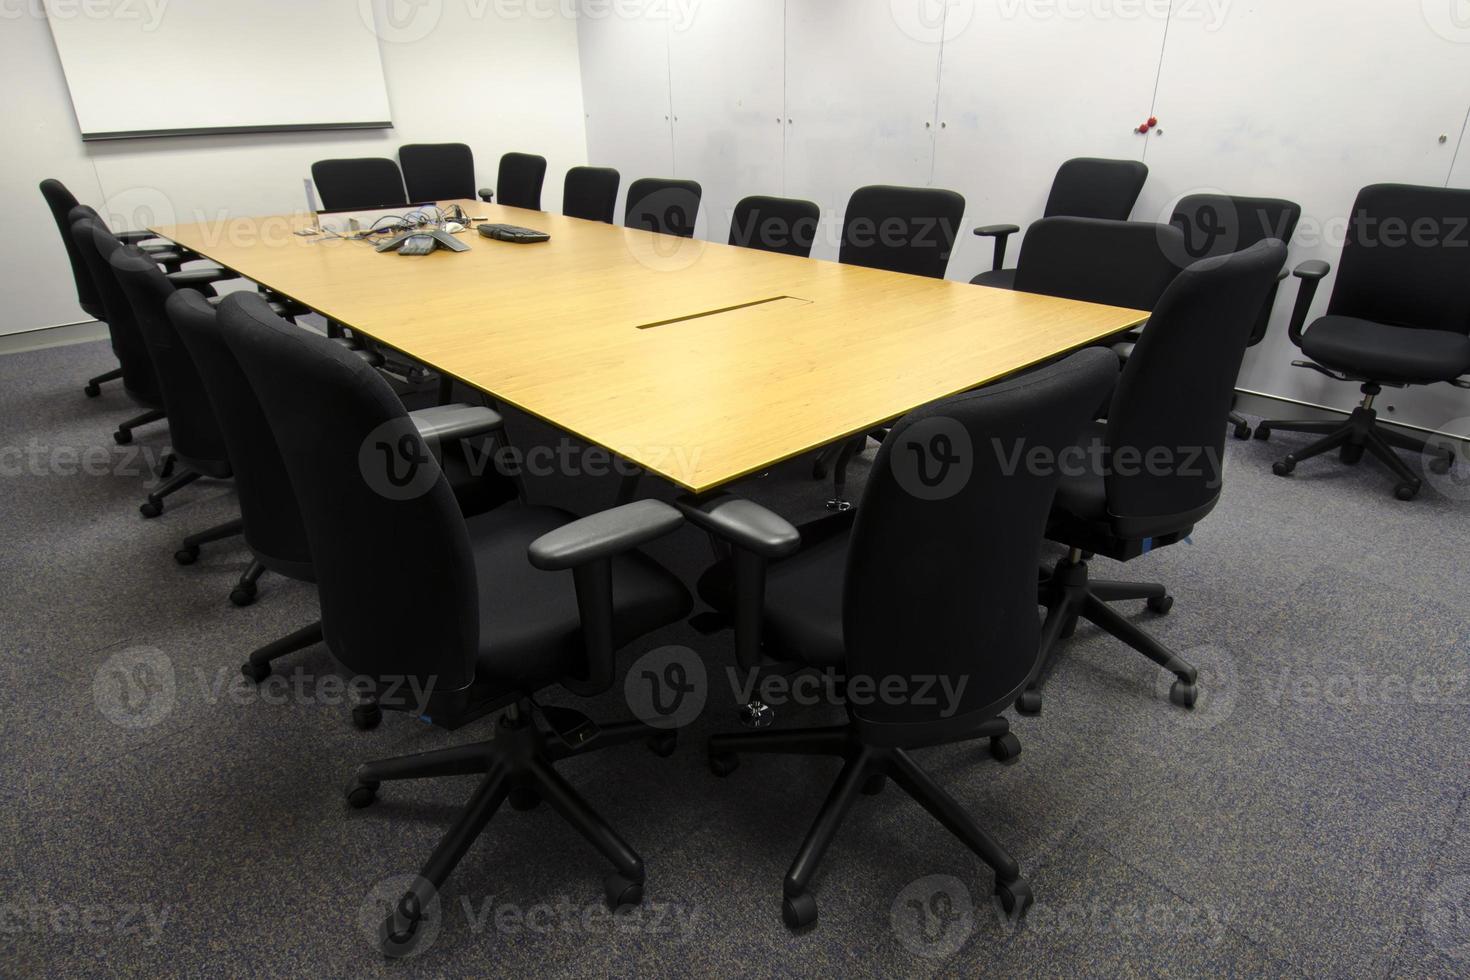 sala de reuniões de negócios (cadeiras, papel, preparação) foto